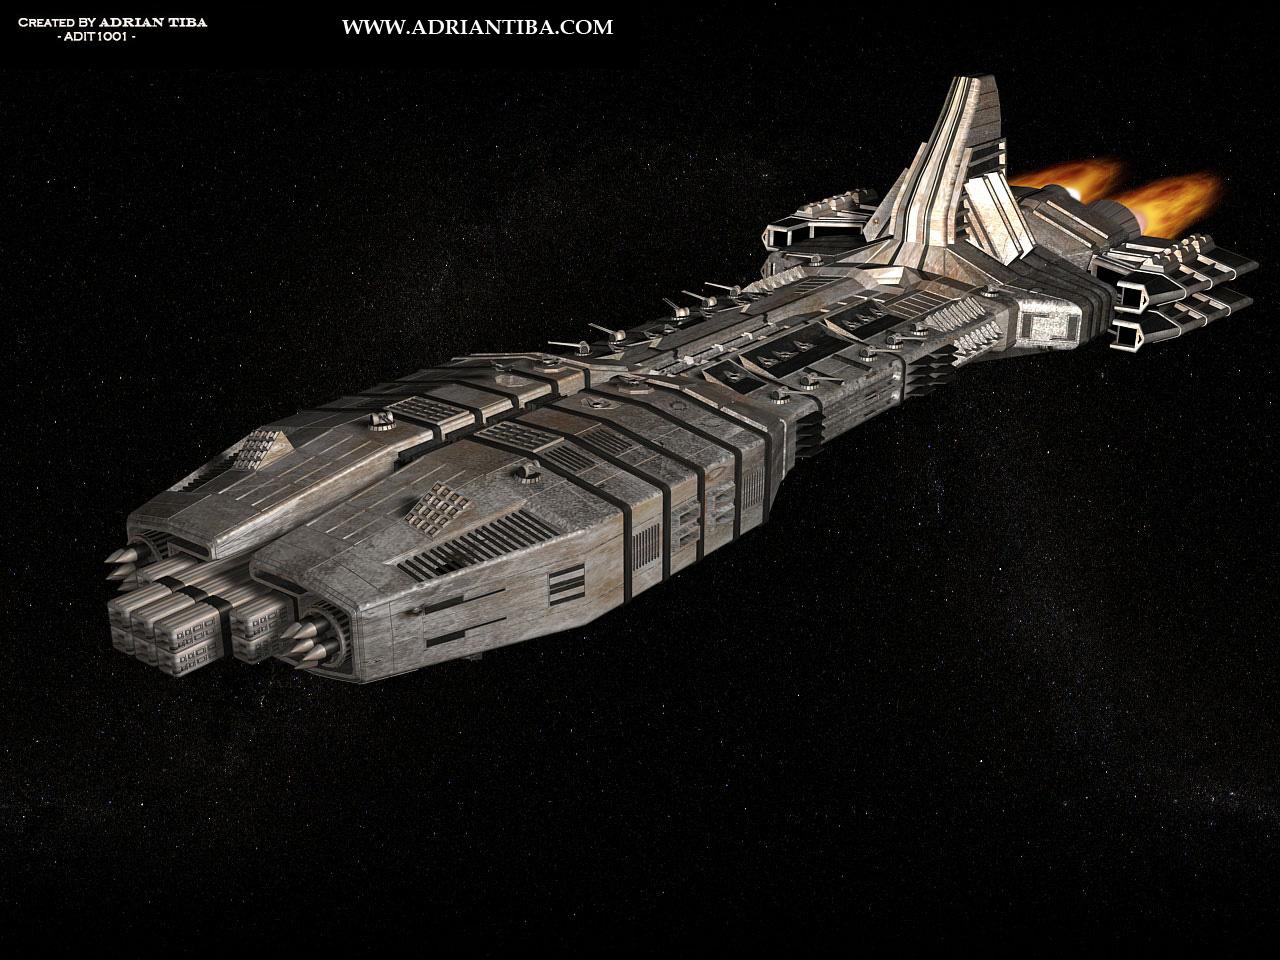 Spaceship by adit1001 on deviantART